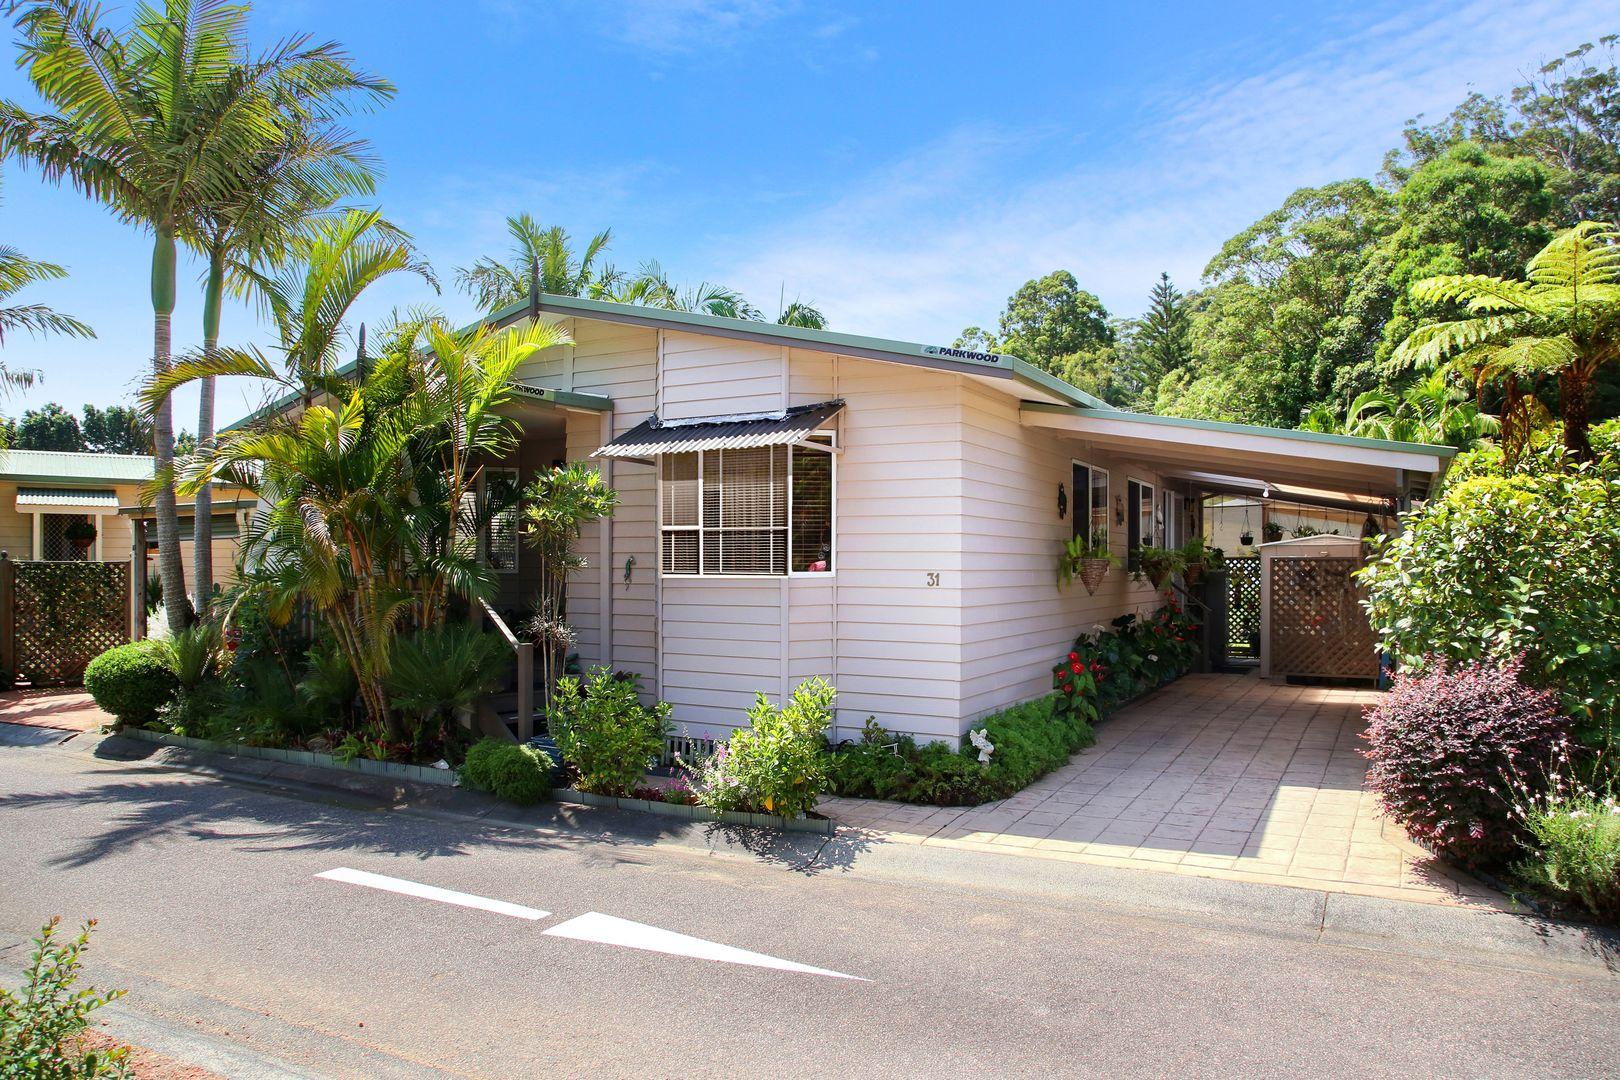 31/160 The Round Drive, Avoca Beach NSW 2251, Image 0